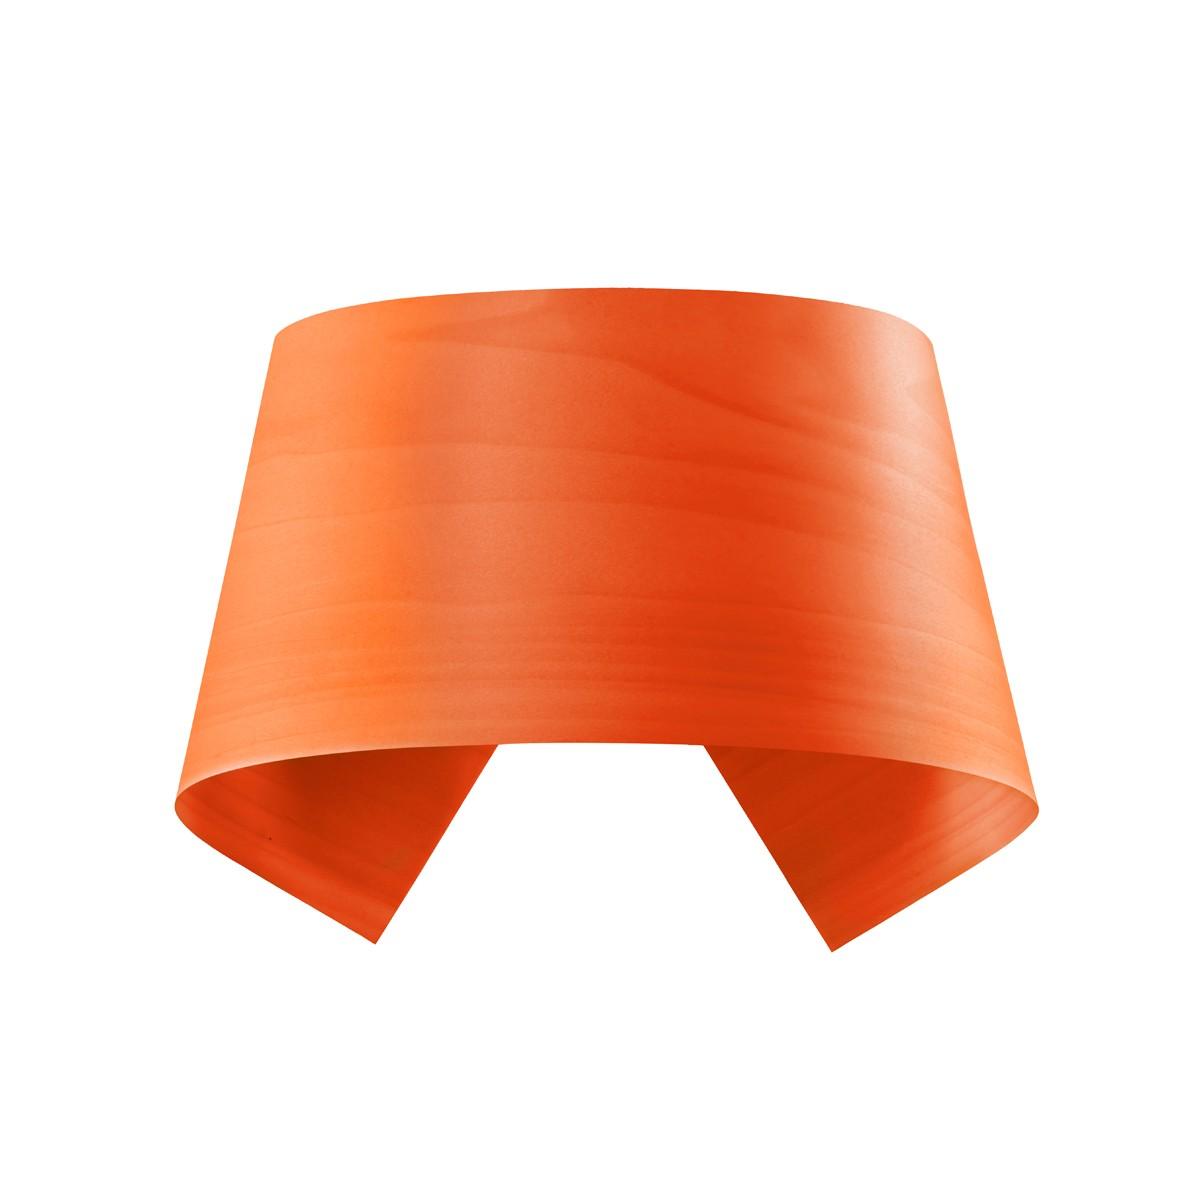 LZF Lamps Hi-Collar Wandleuchte, orange